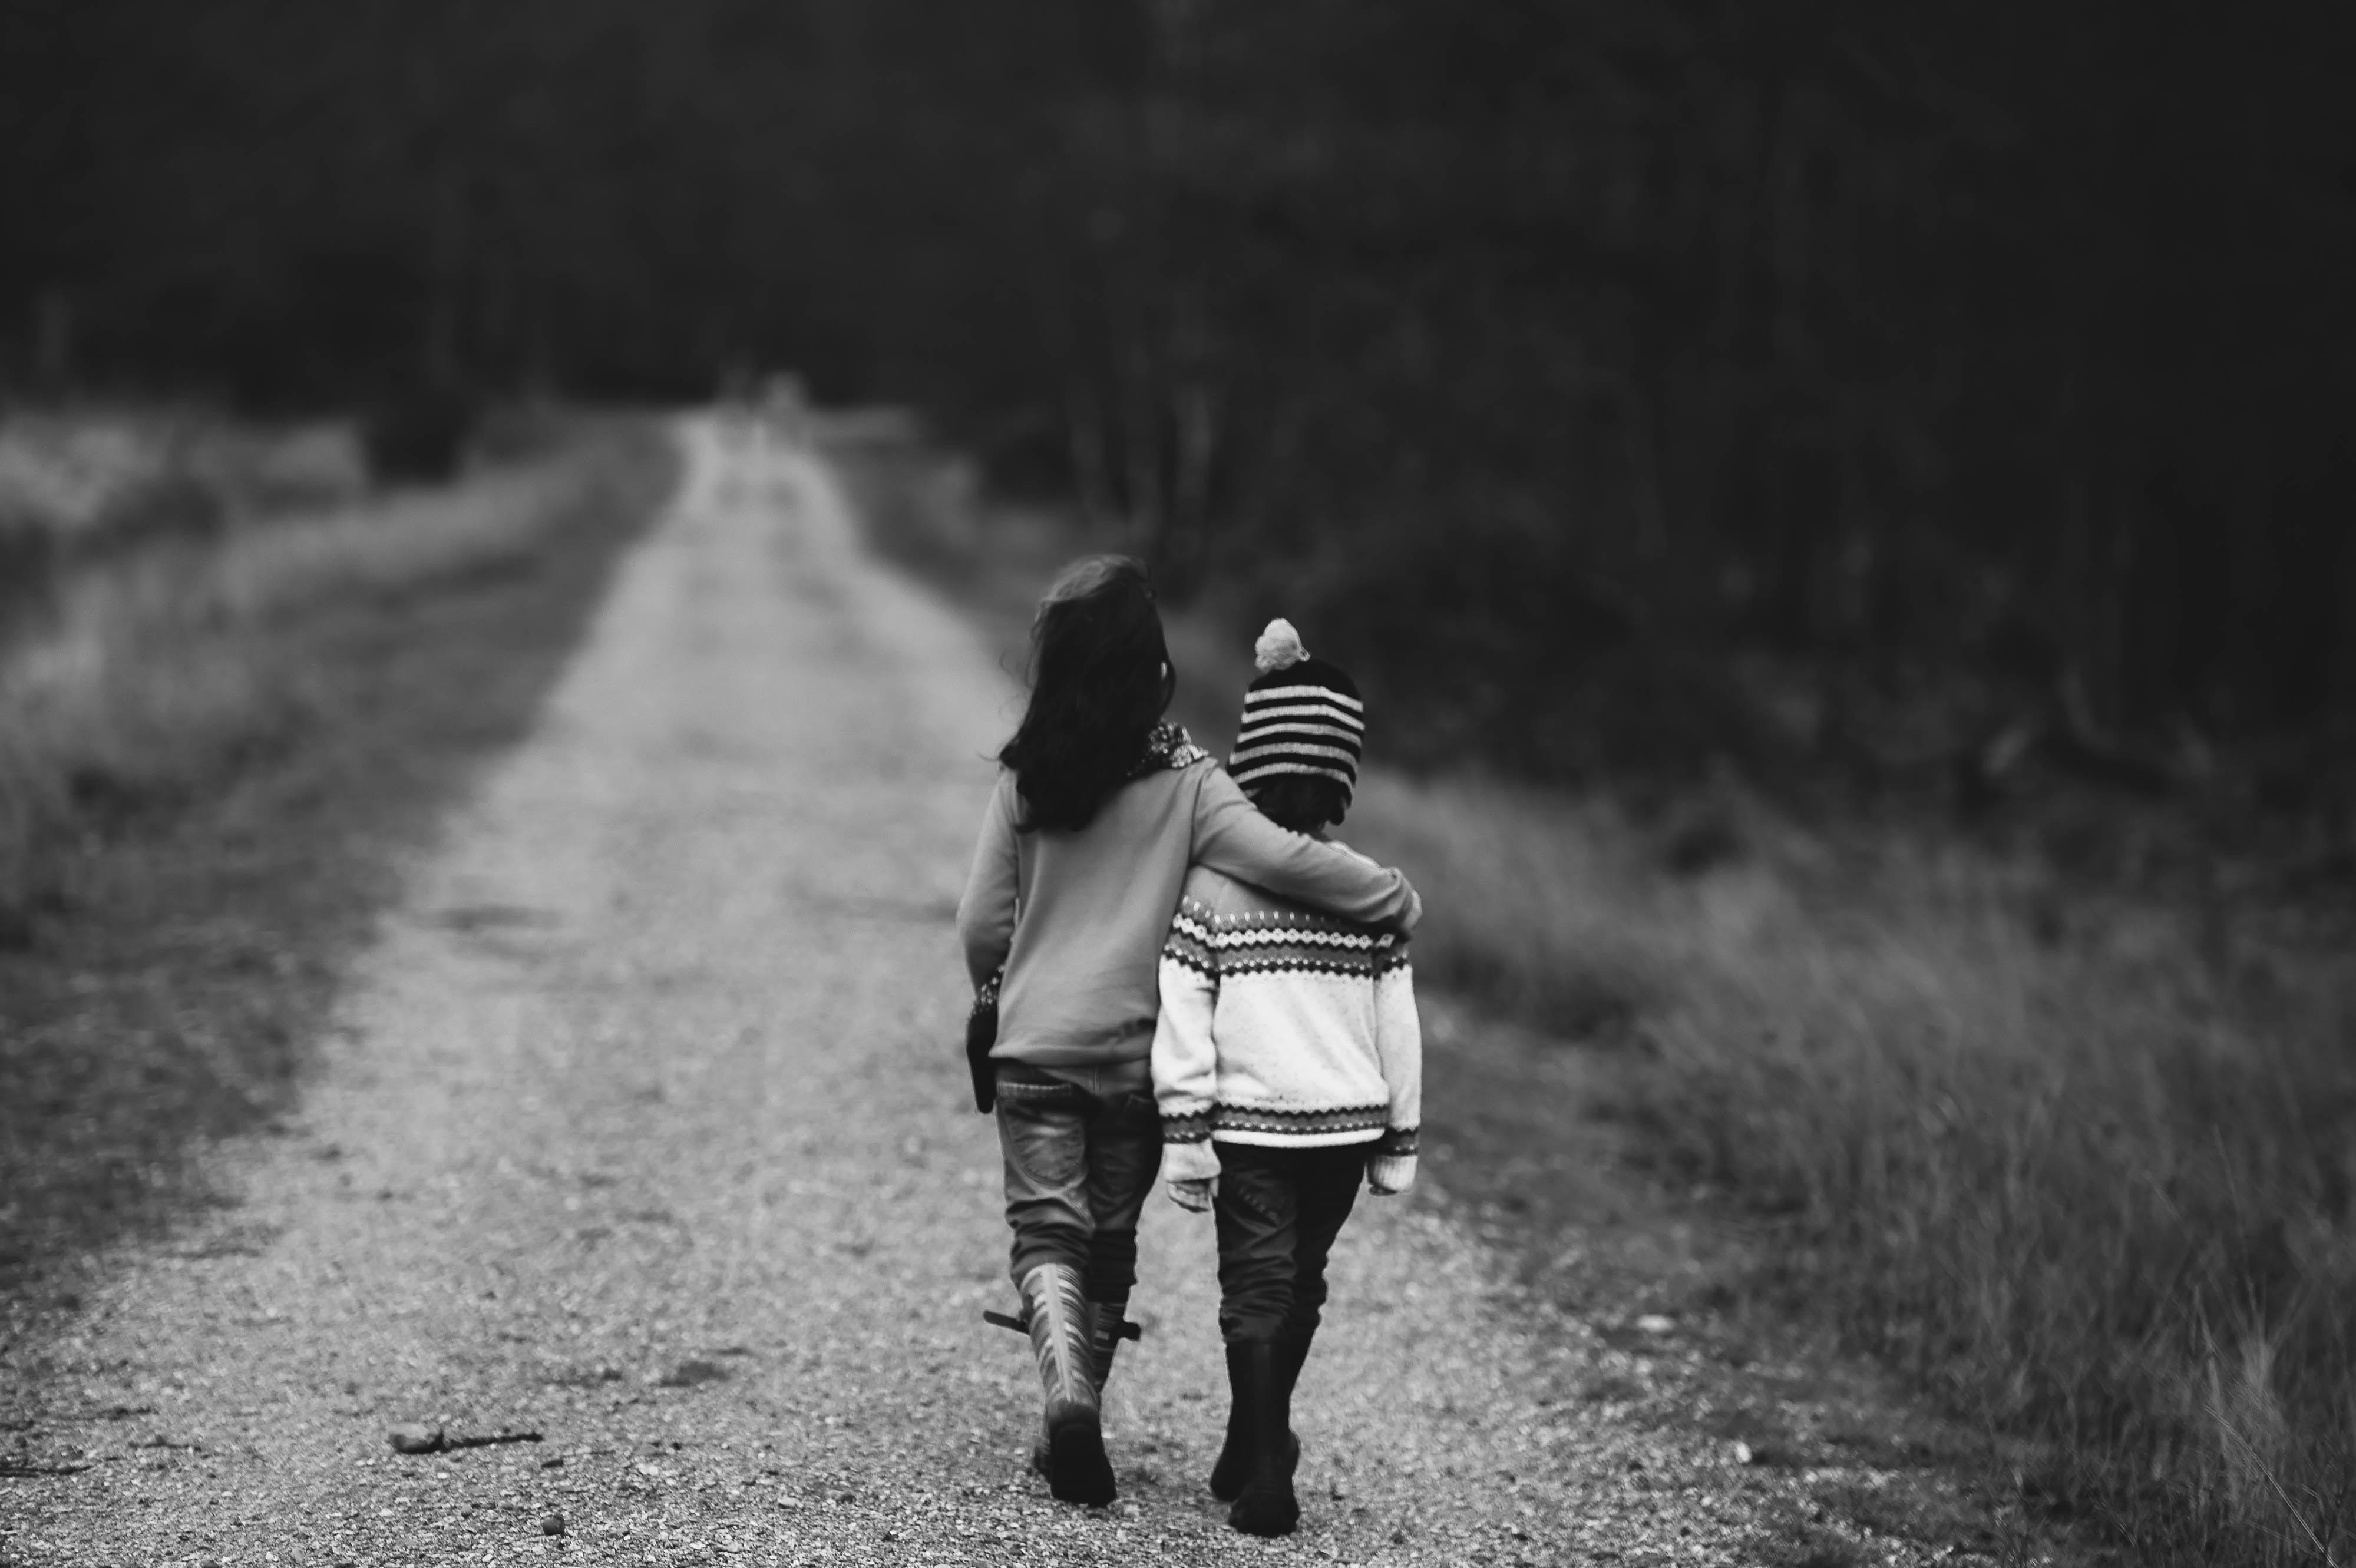 איך משבר האקלים משפיע על בריאות הילדים?